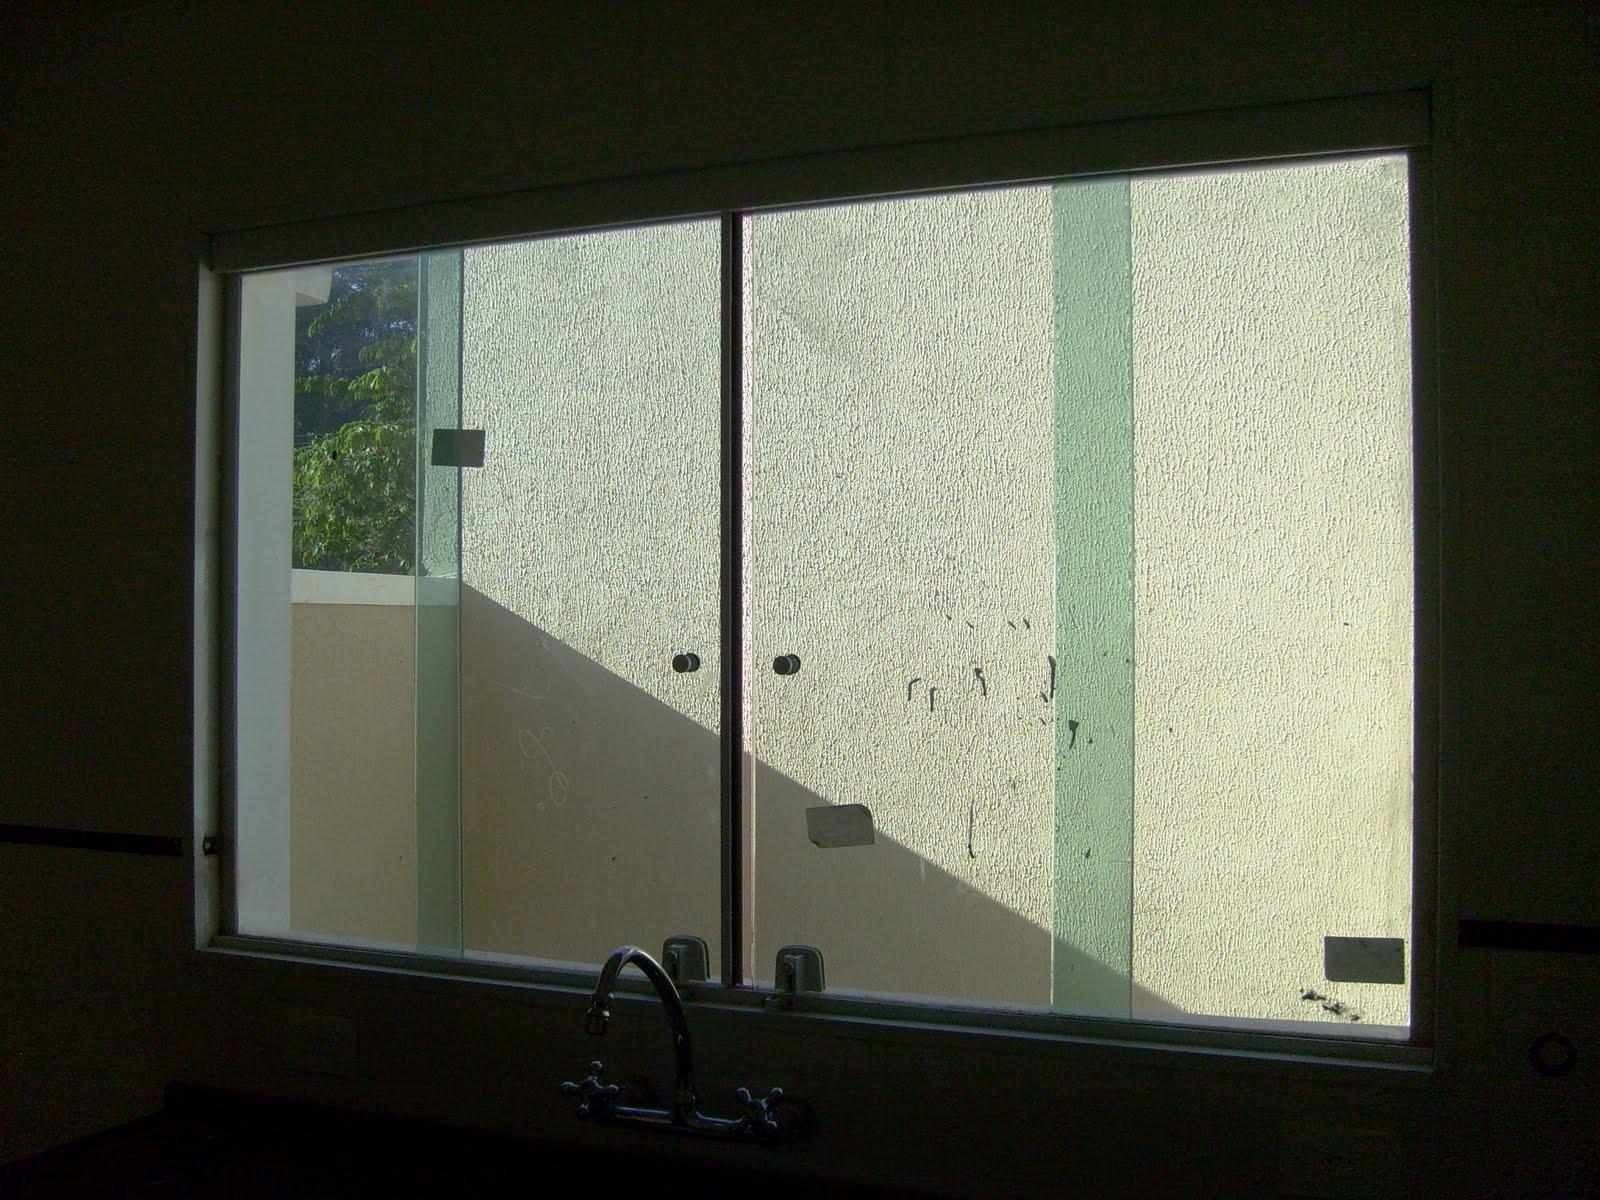 #14160E Mundando de Lar: • Janela de alumínio branco com vidros lisos  420 Janelas De Vidros Gabriel Diniz